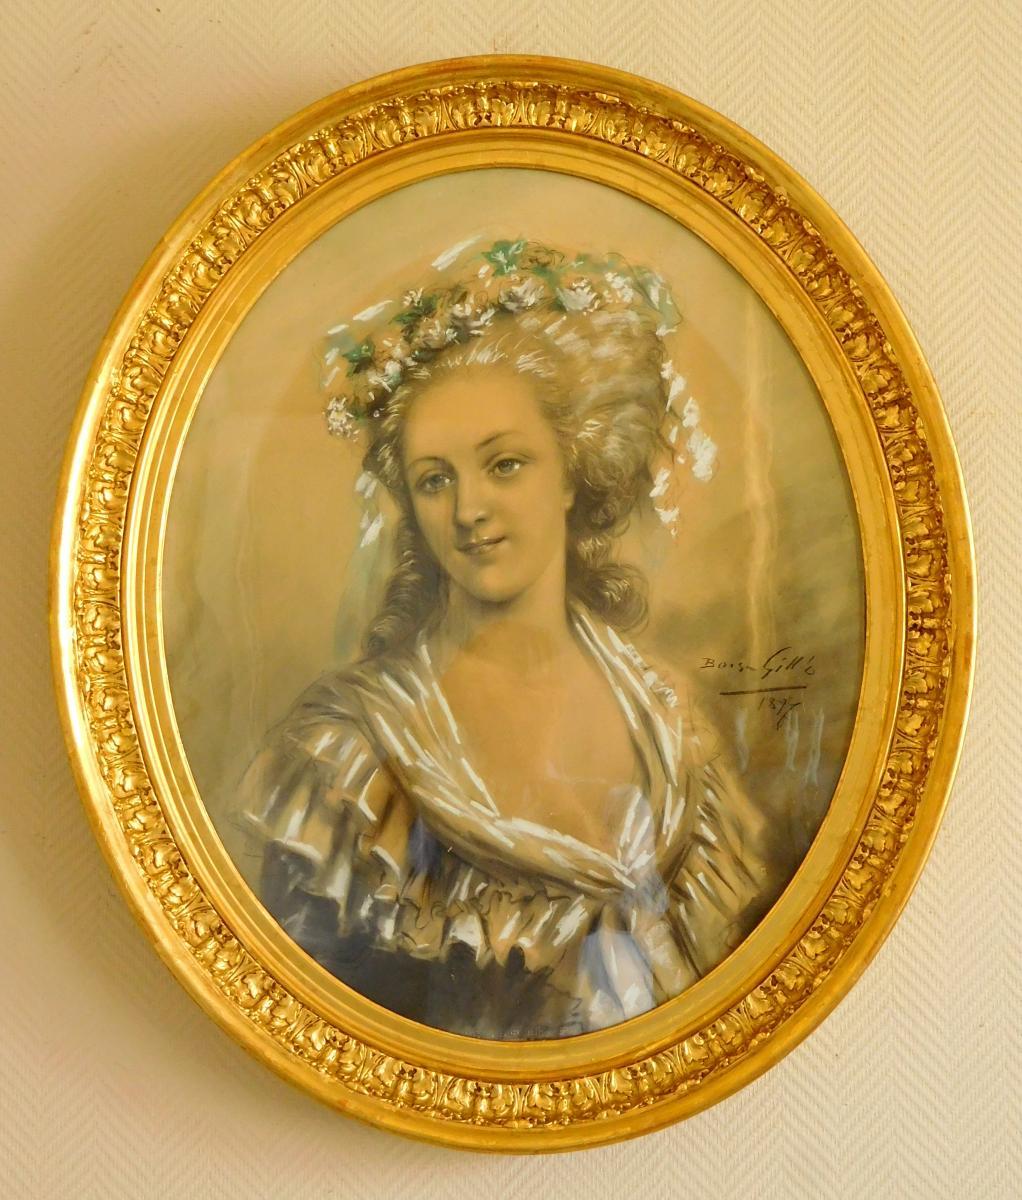 Grand portrait de Marie-Antoinette ou de la princesse de Lamballe 35620710